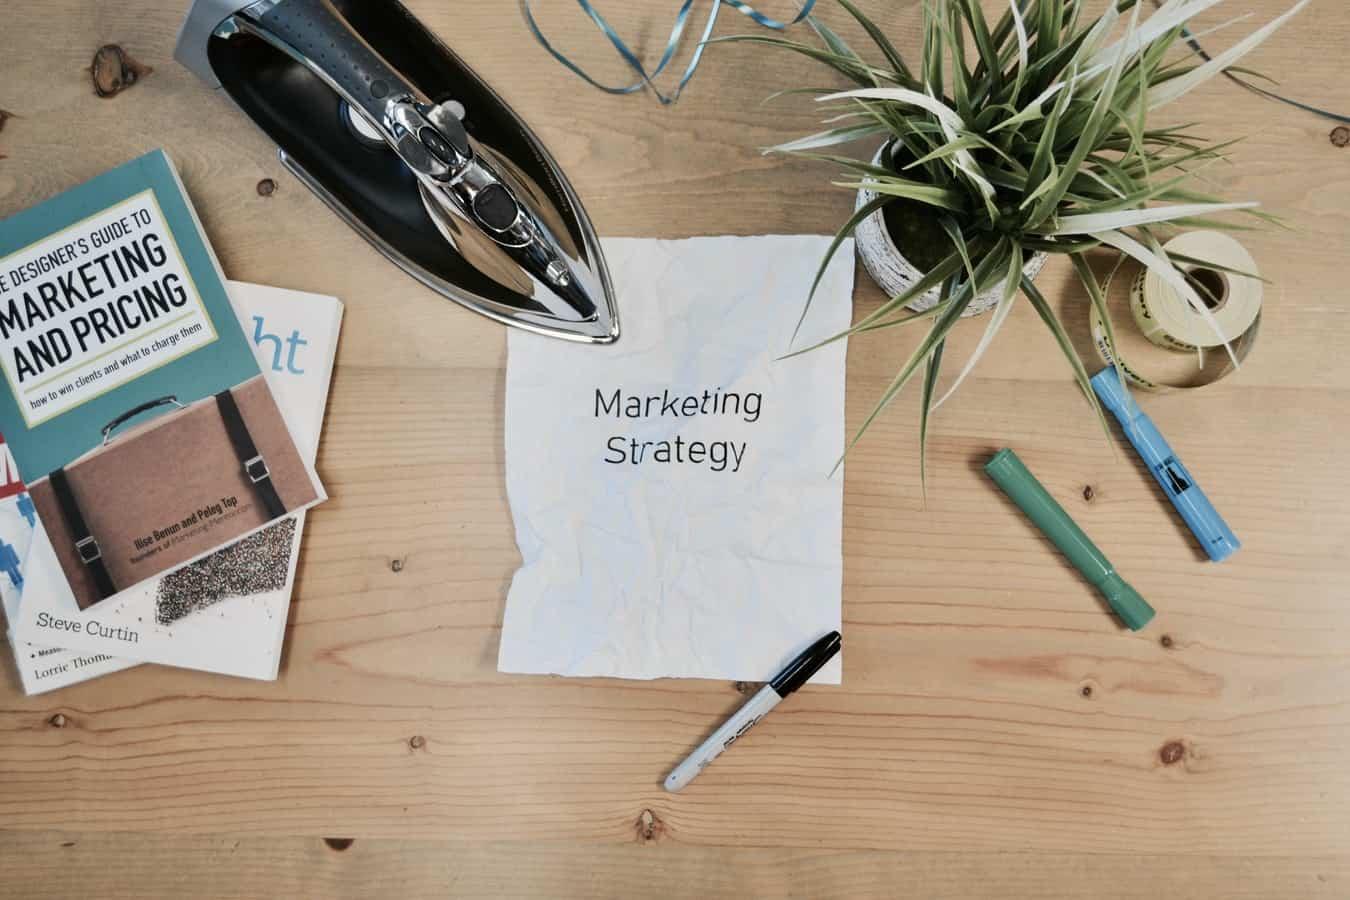 strategia marketingowa i zdobywanie nowych klientów